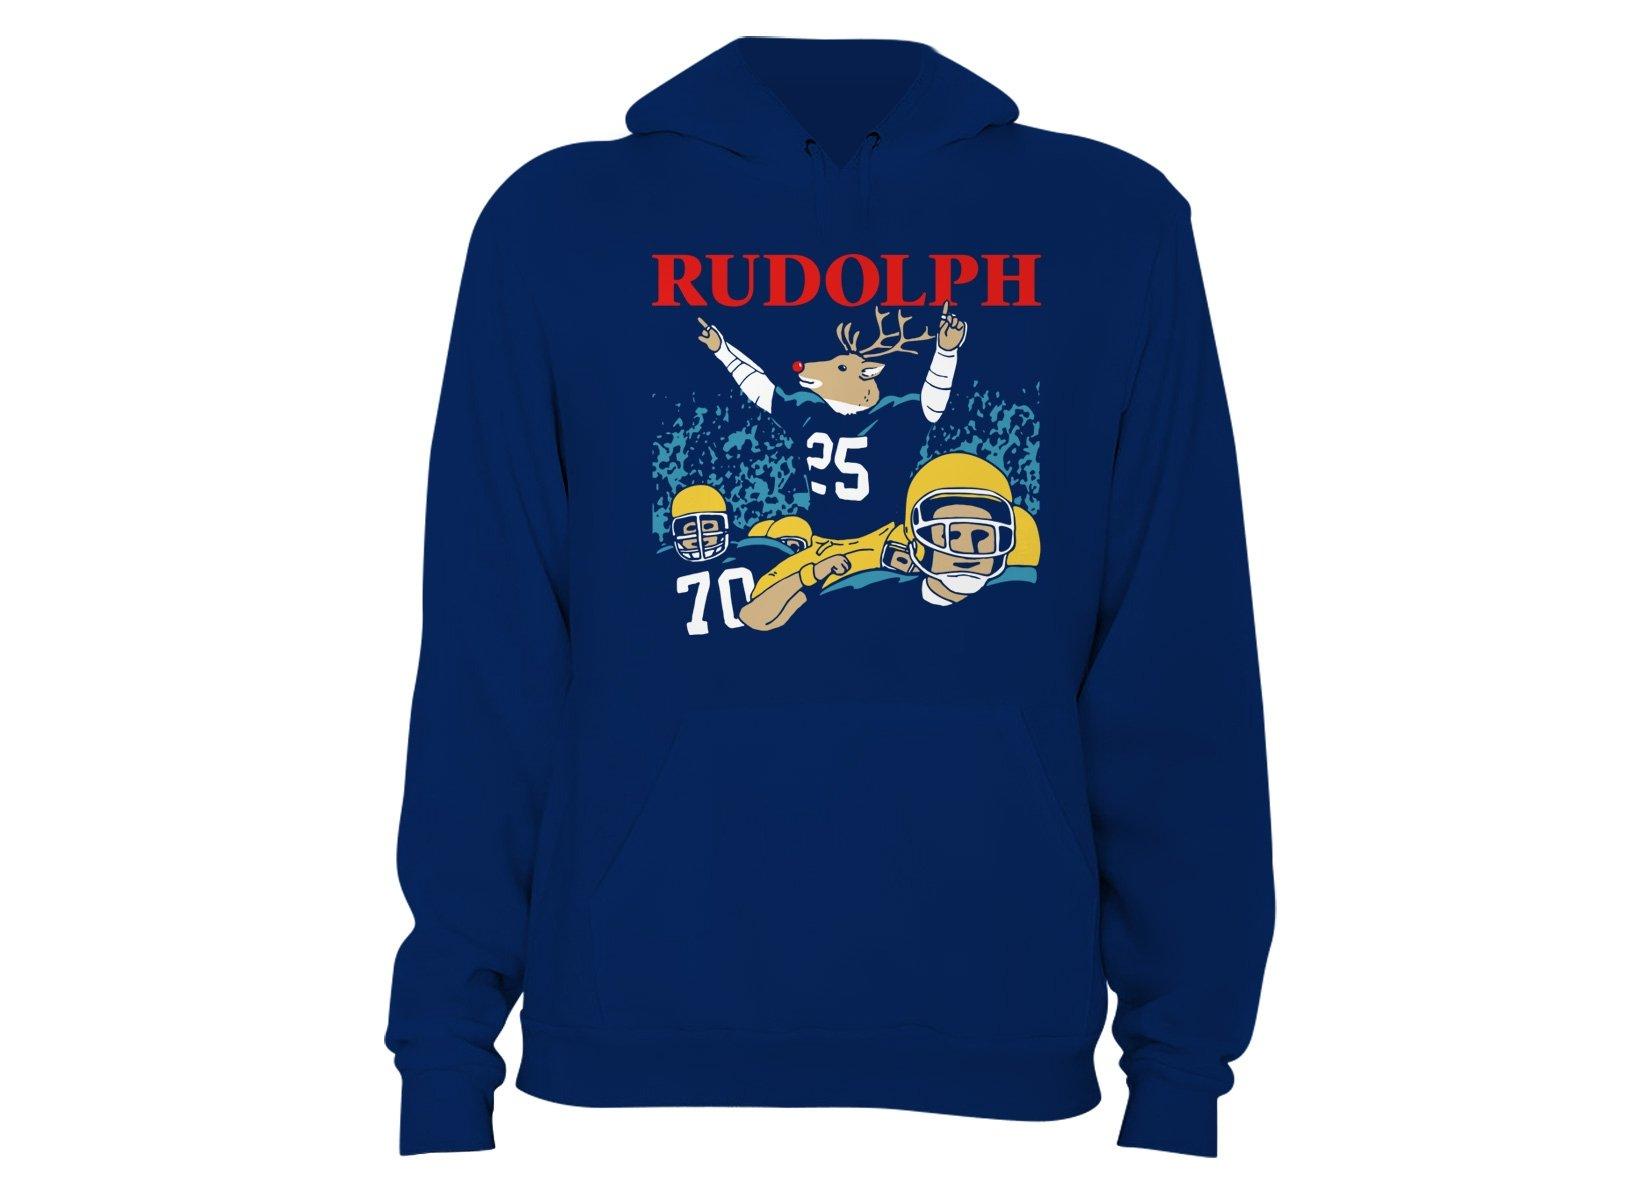 Rudolph on Hoodie